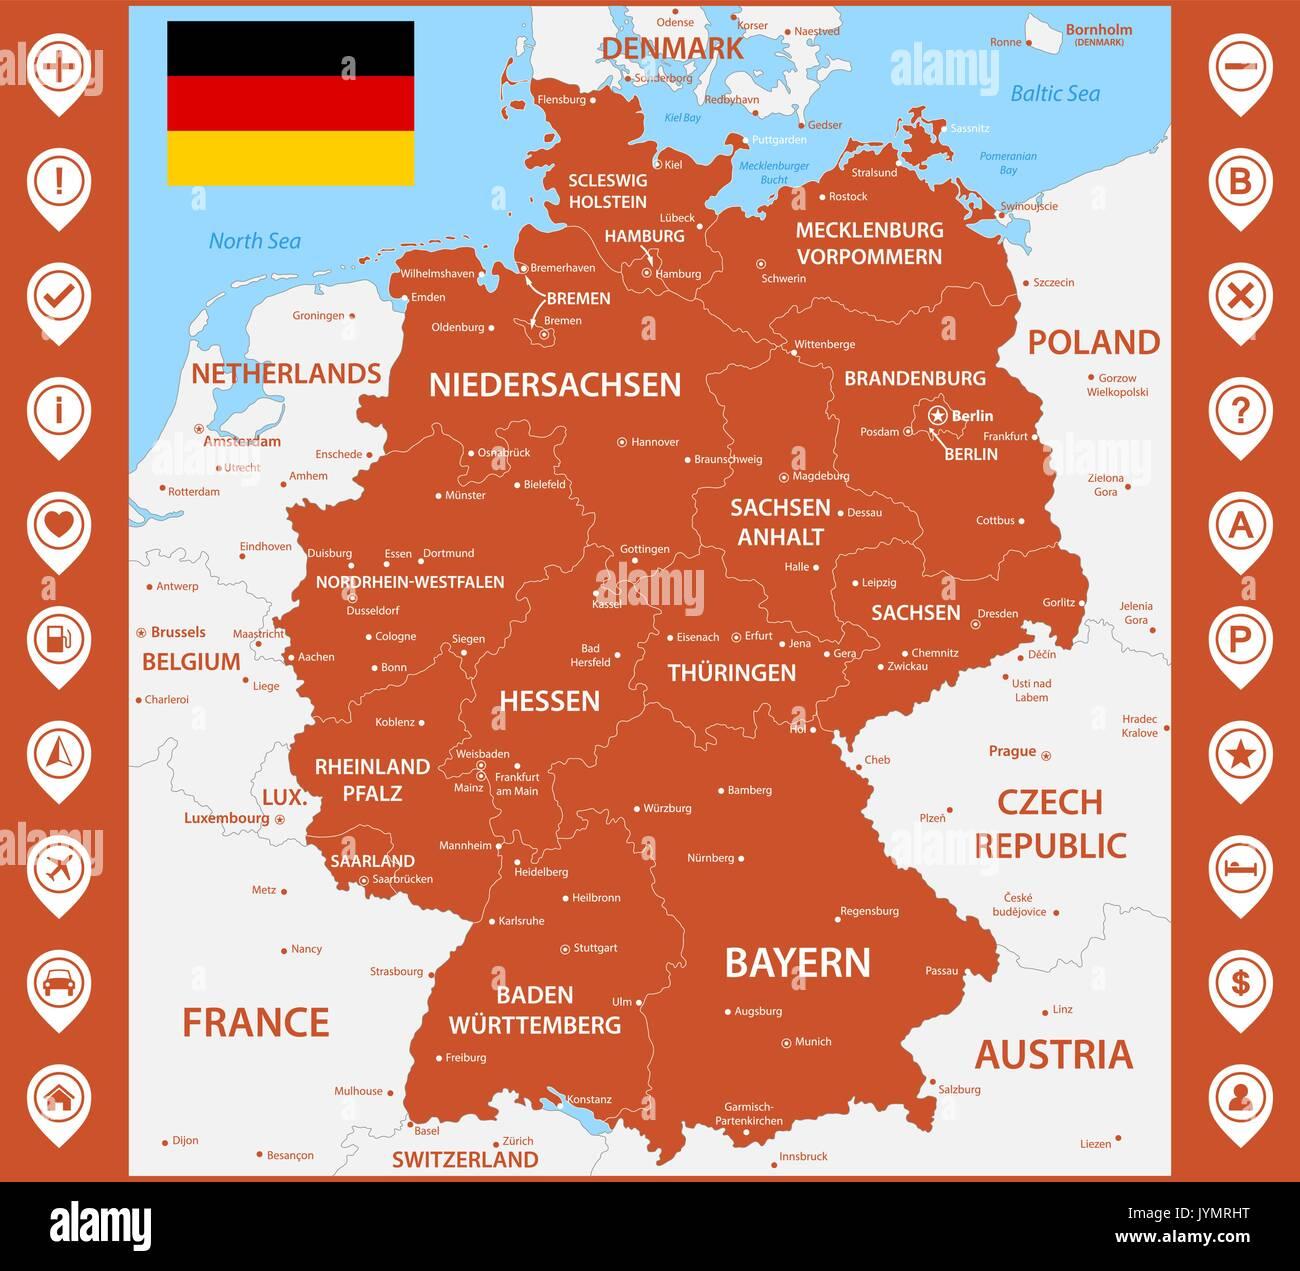 Carte Allemagne Avec Les Villes.La Carte Detaillee De L Allemagne Avec Les Regions Ou Etats